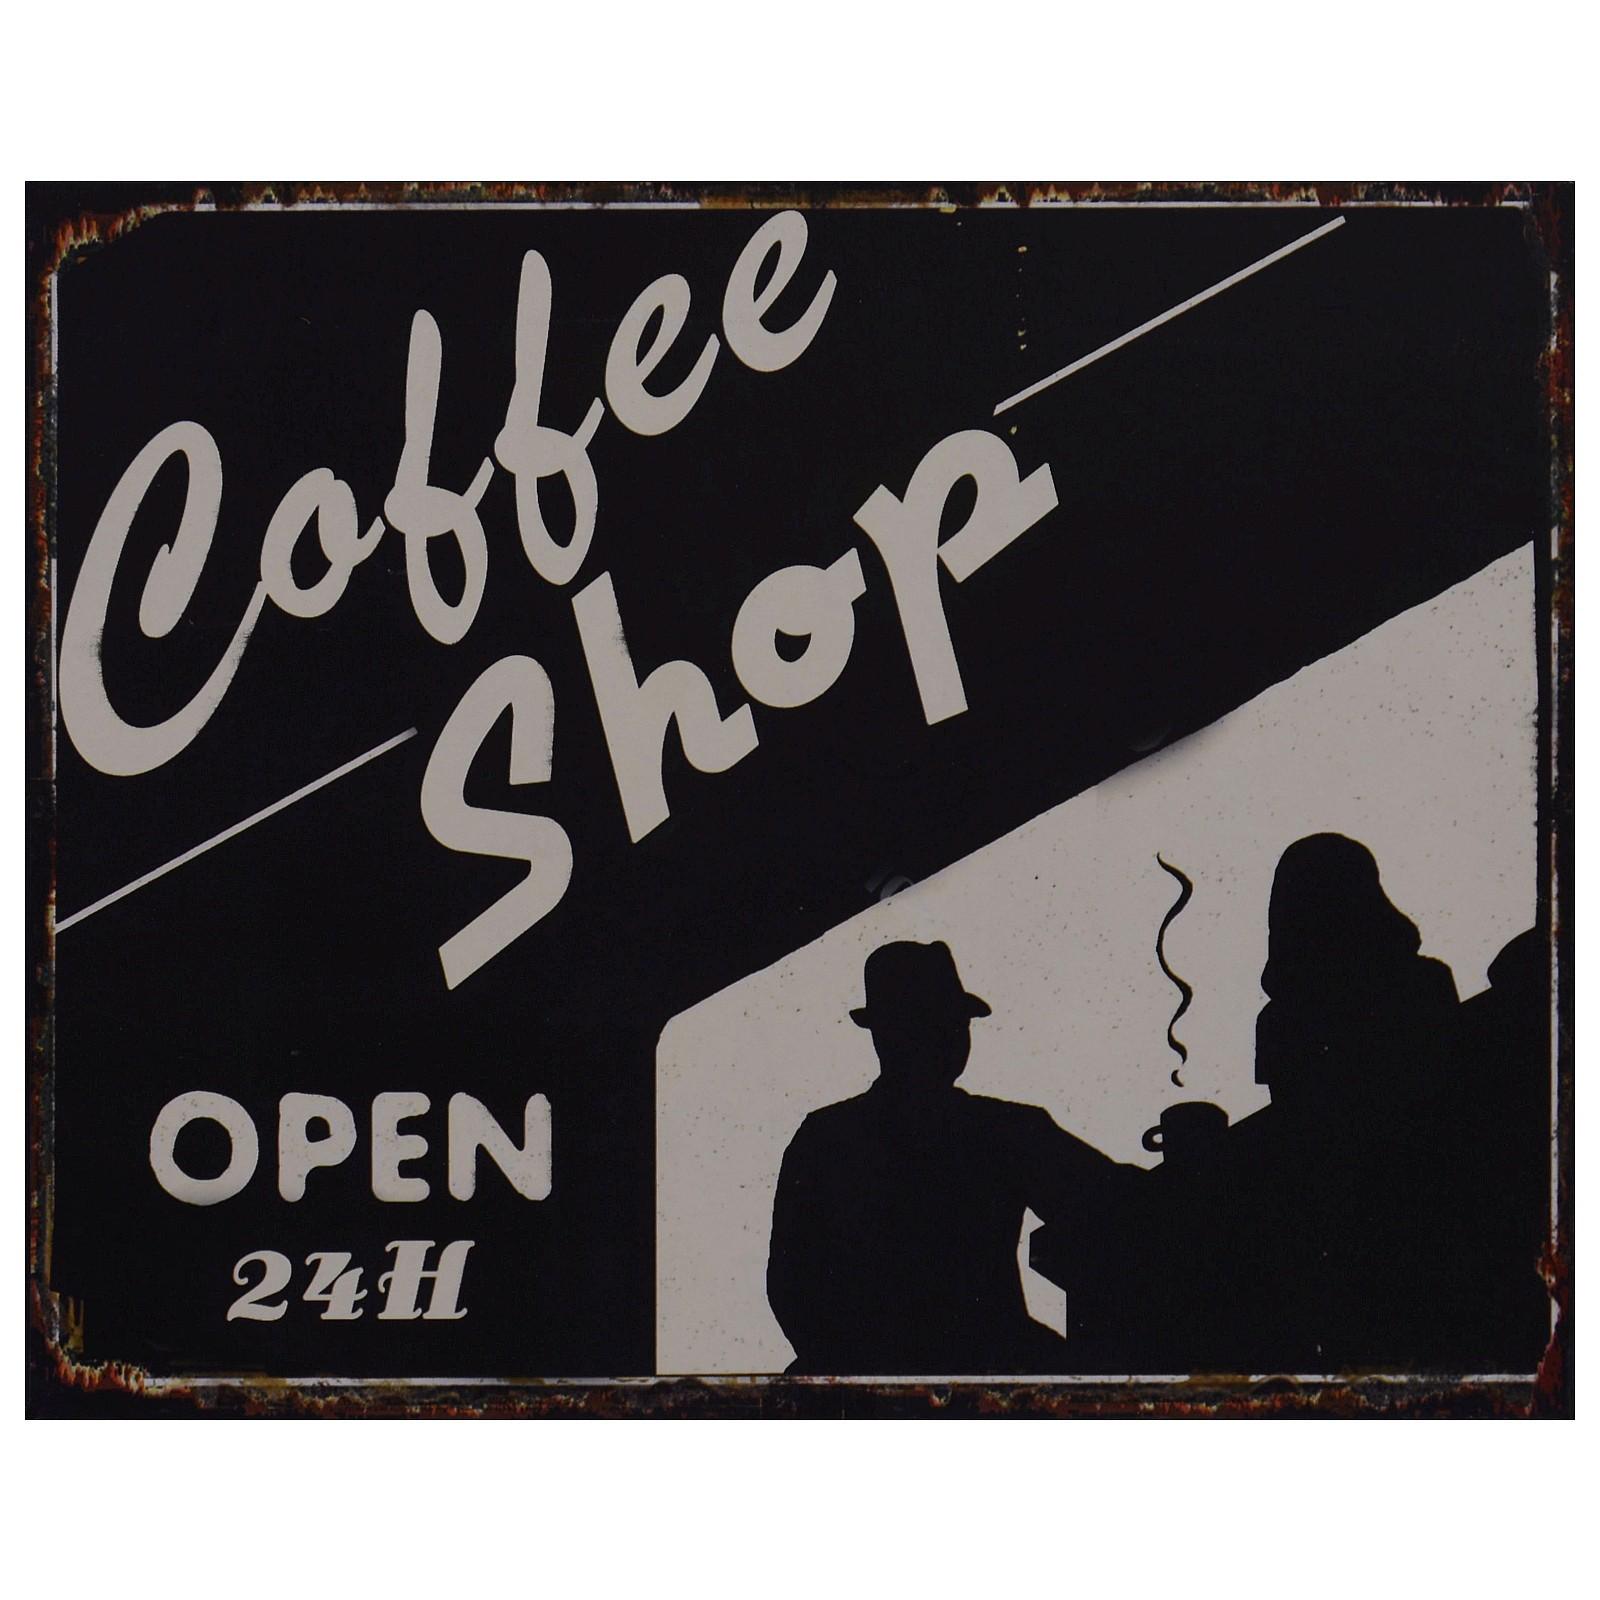 coffee shop blechschild schwarzwei schattenbild dekoration cafe zuhause b ro. Black Bedroom Furniture Sets. Home Design Ideas